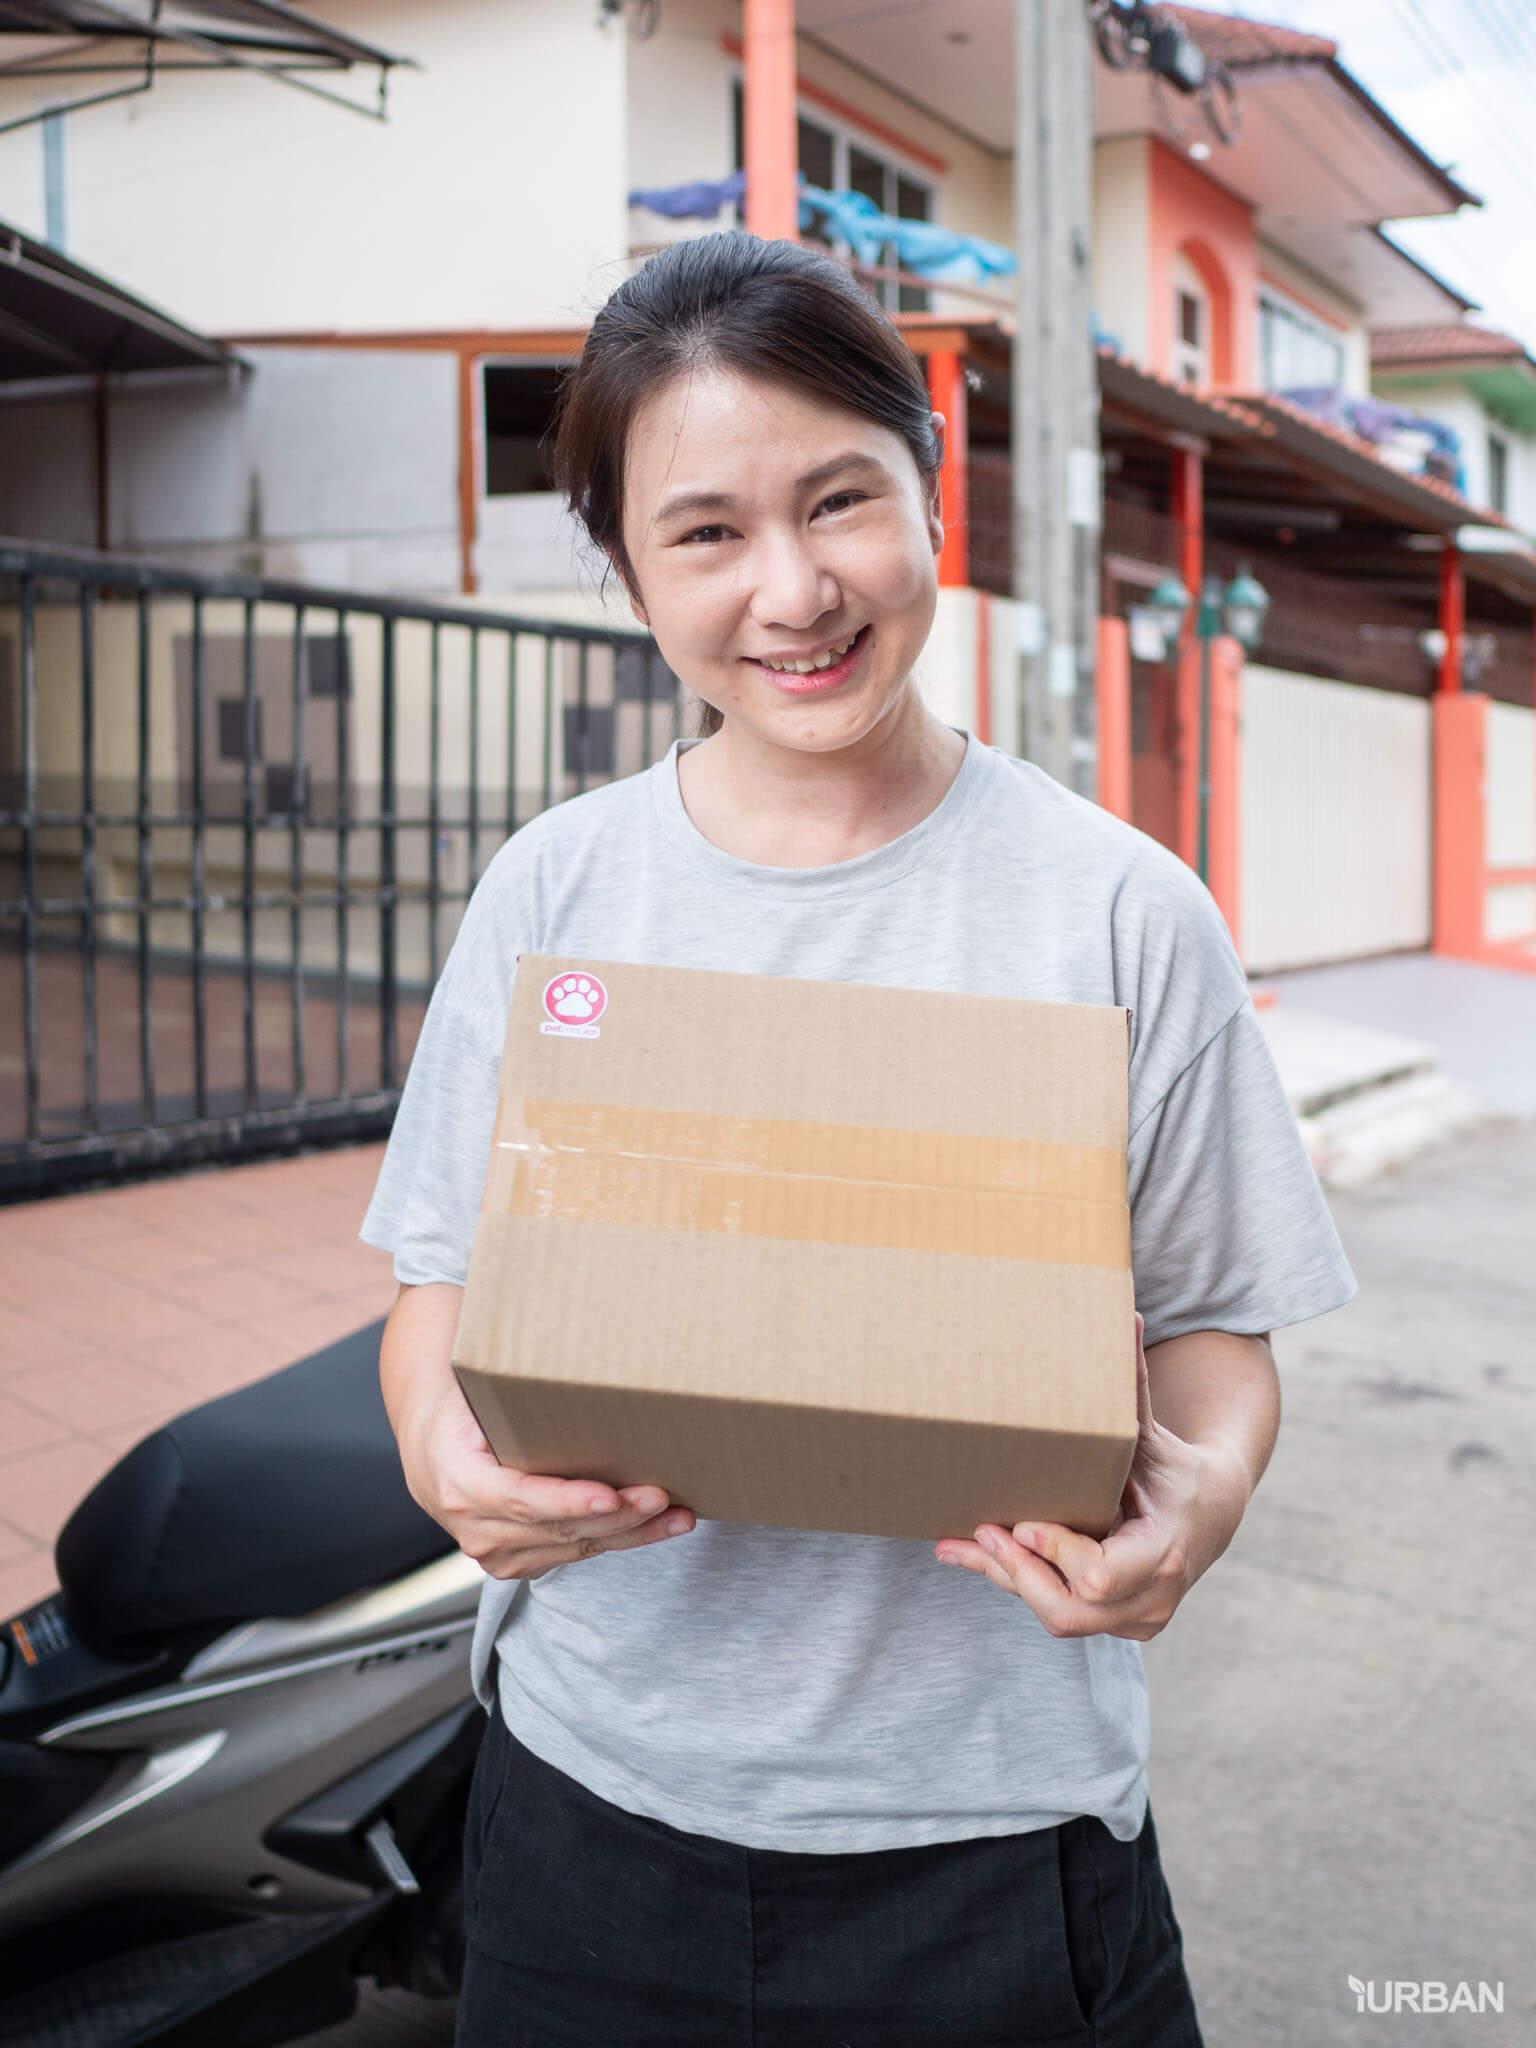 รีวิว GrabExpress อัปเกรดร้านค้าให้ส่งด่วนใน 40 นาที* ตามได้แบบ Real-time เริ่มแค่ ฿40 29 - delivery